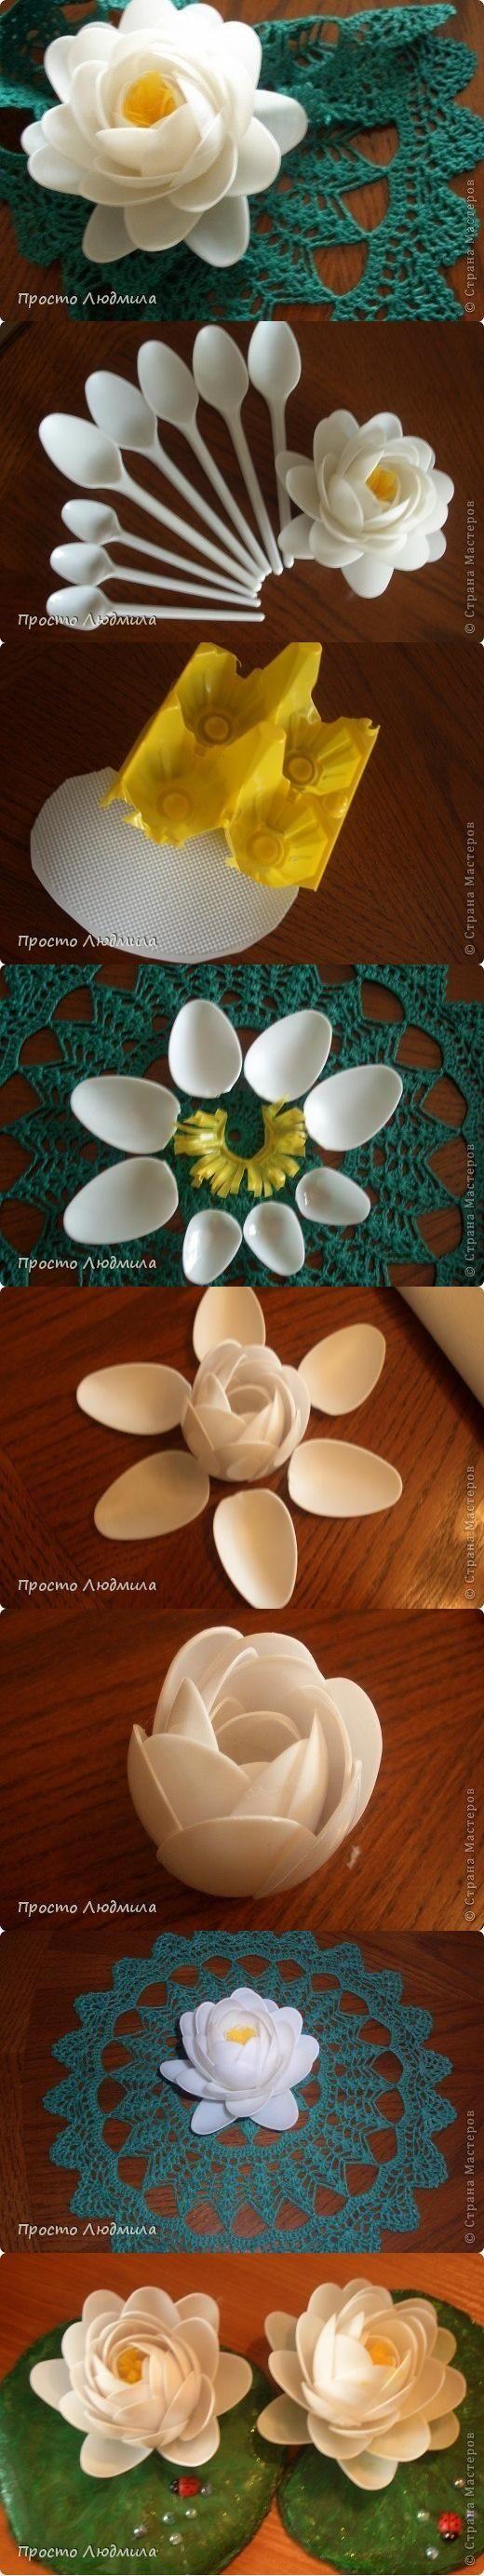 DIY Plastic Spoon Waterlily Flower DIY Plastic Spoon Waterlily Flower by diyforever